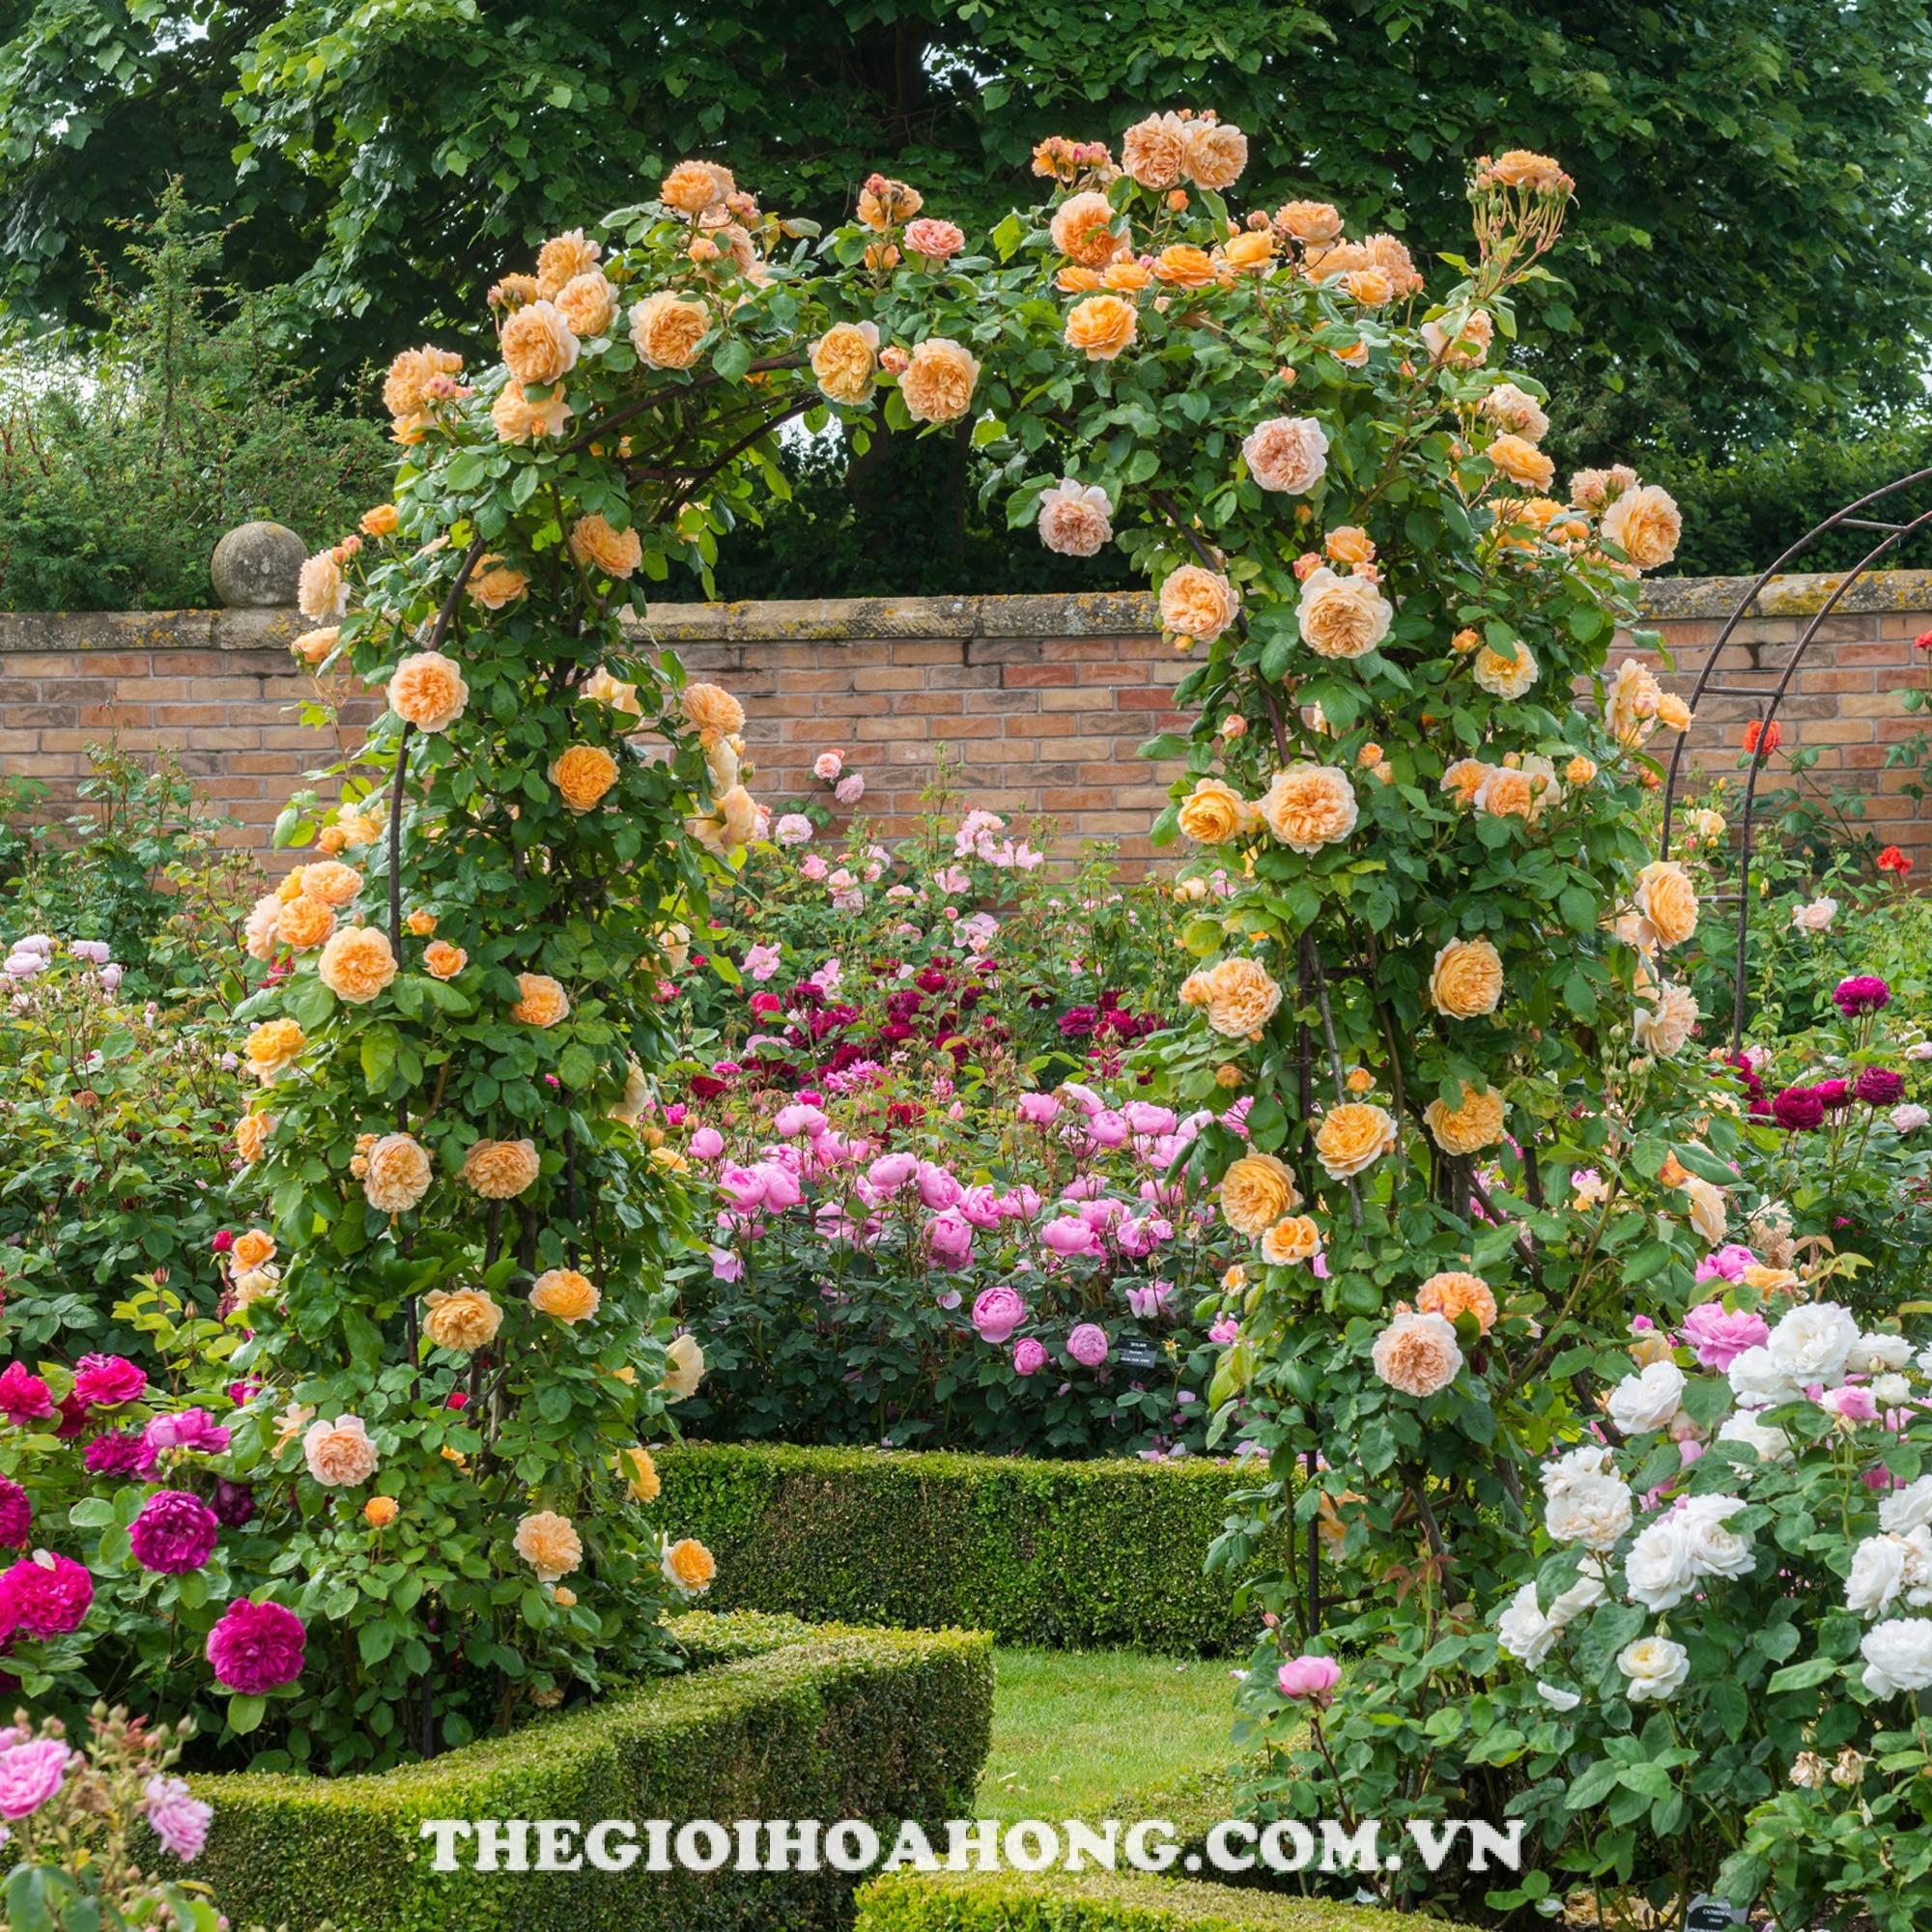 Thân cây hồng leo Wollerton Old Hall Rose cứng cáp